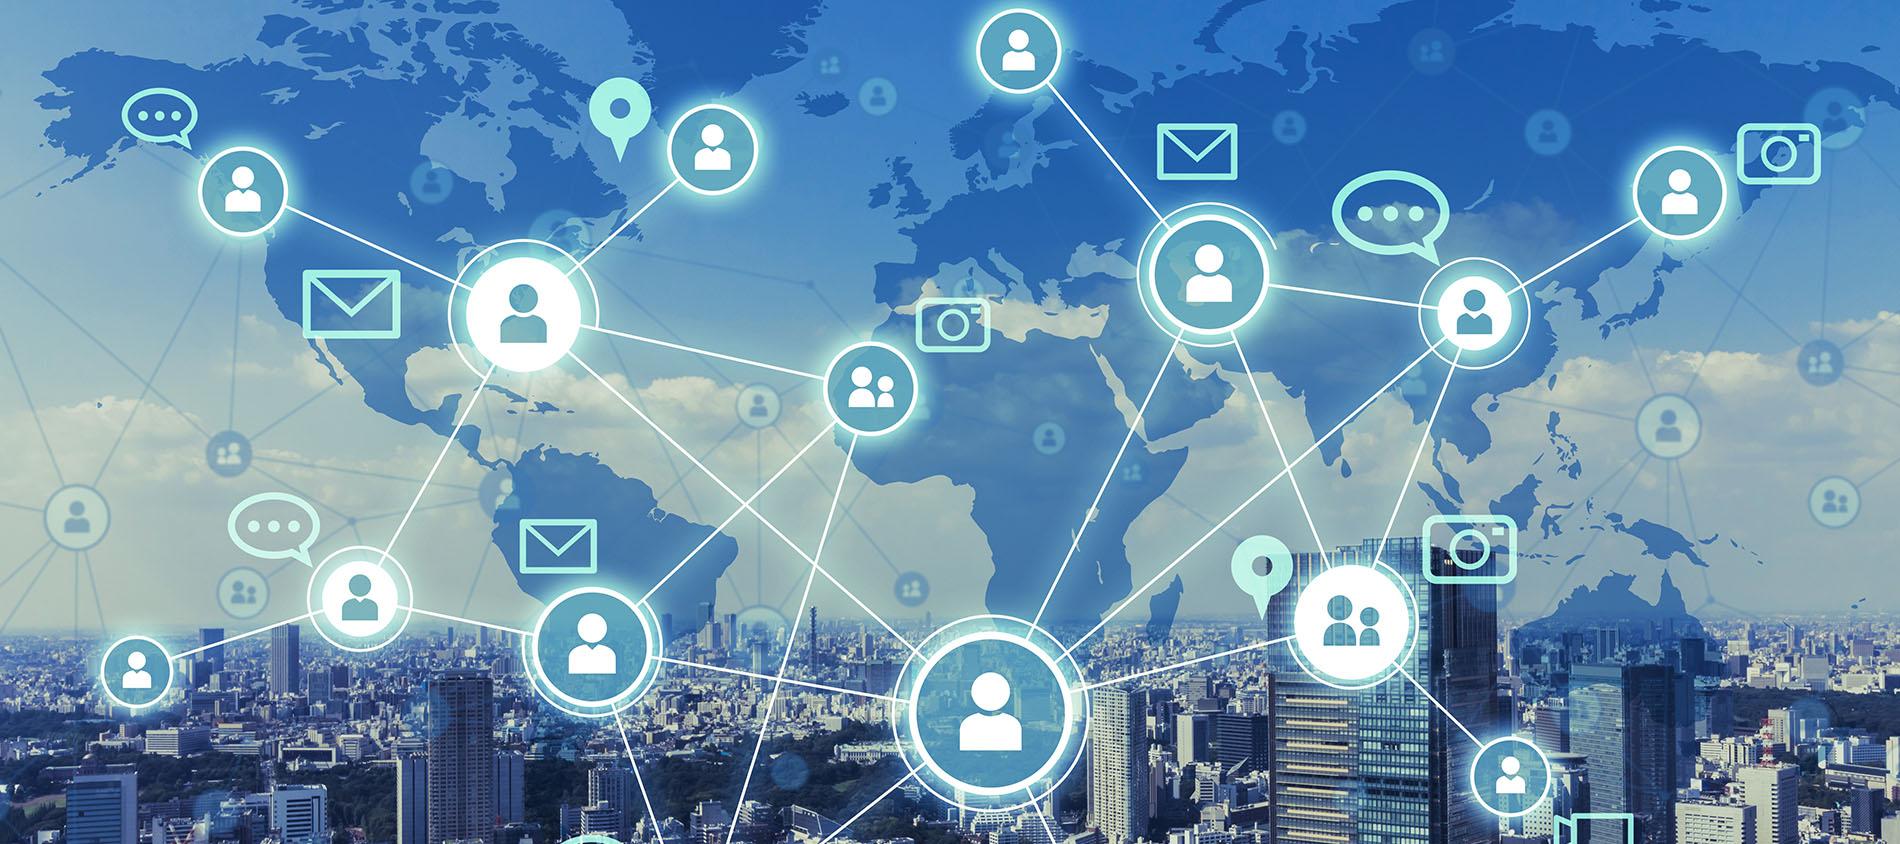 Algoritmo de Facebook: cómo deben aprovecharlo las empresas